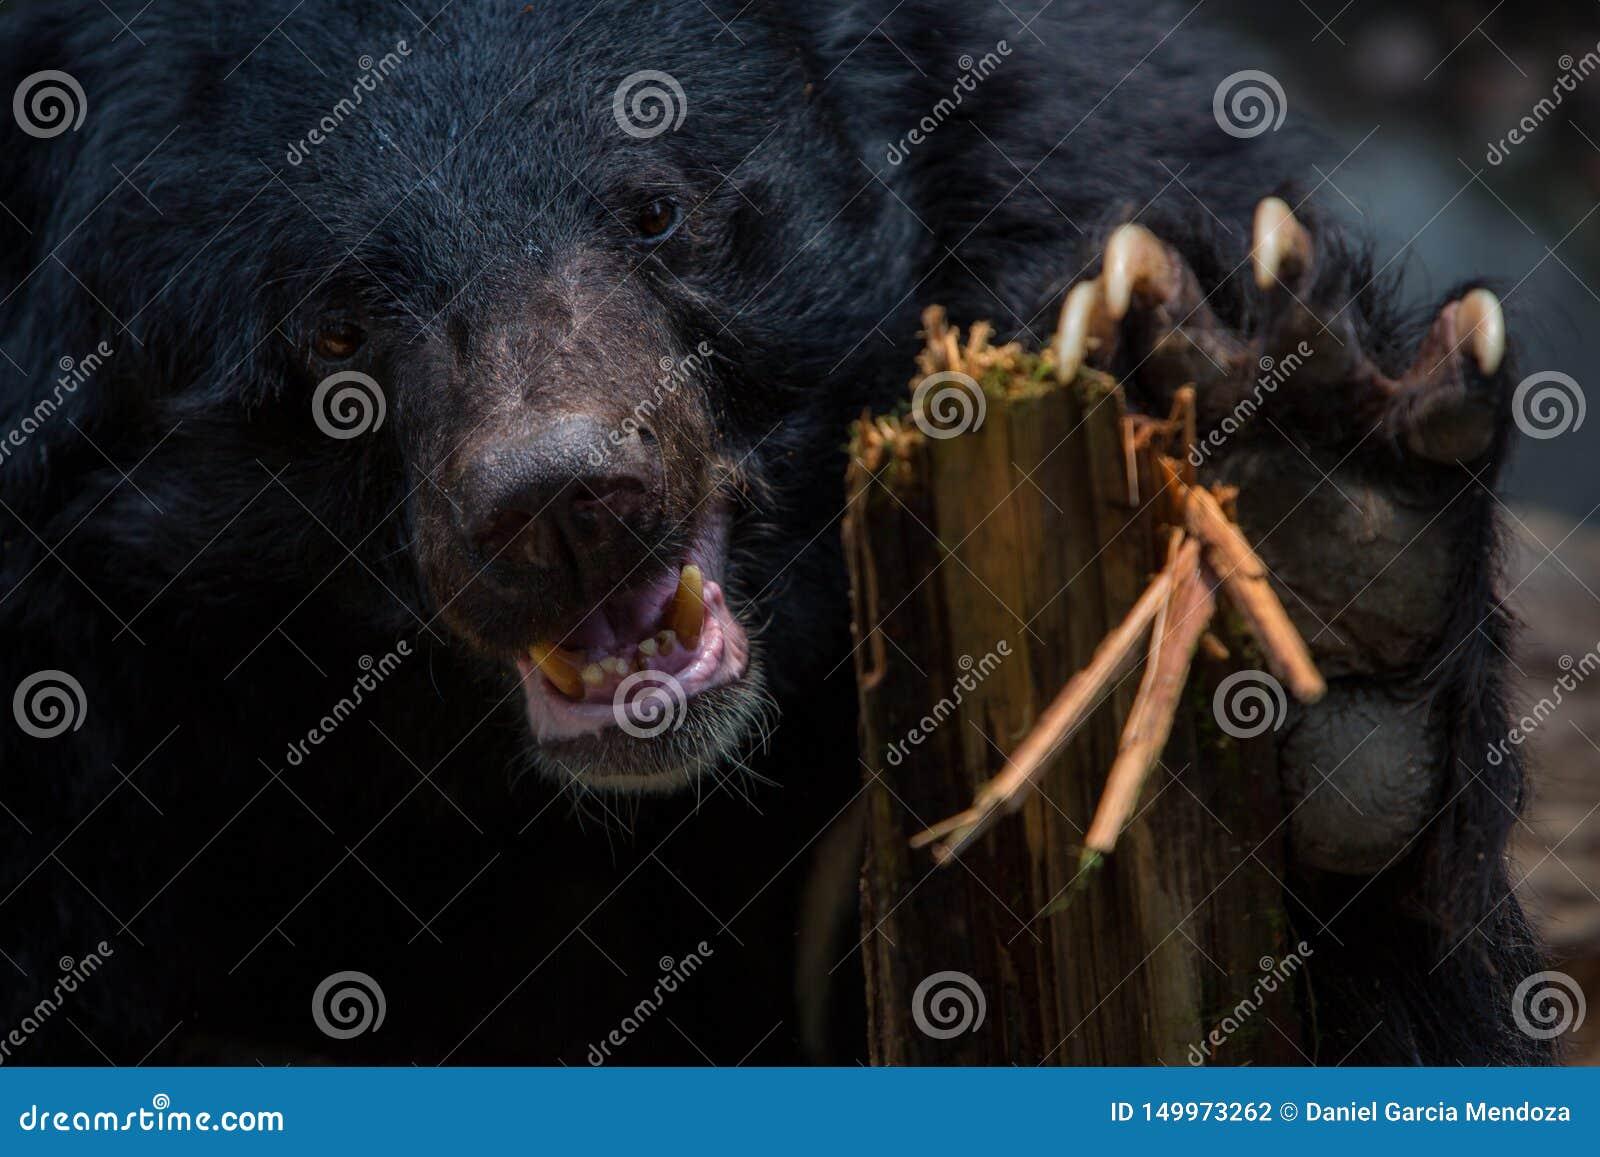 De close-up aan gezicht van de volwassen Zwarte van Formosa draagt houdend houten stok met de klauwen